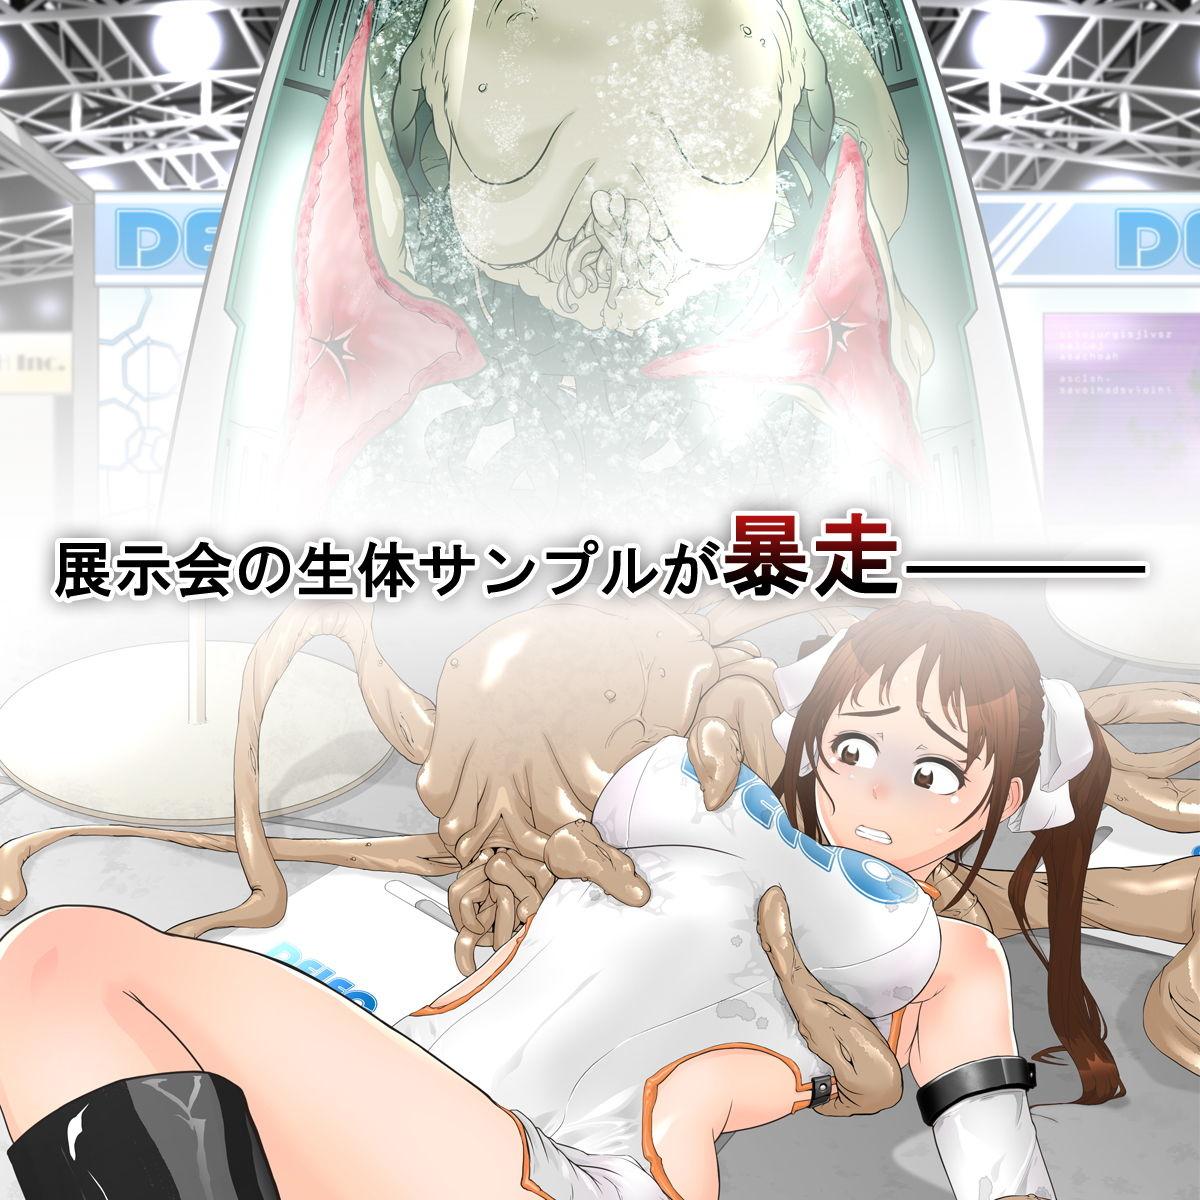 バイオエキスポ~イベントコンパニオン触手苗床~朋美編 エロ画像